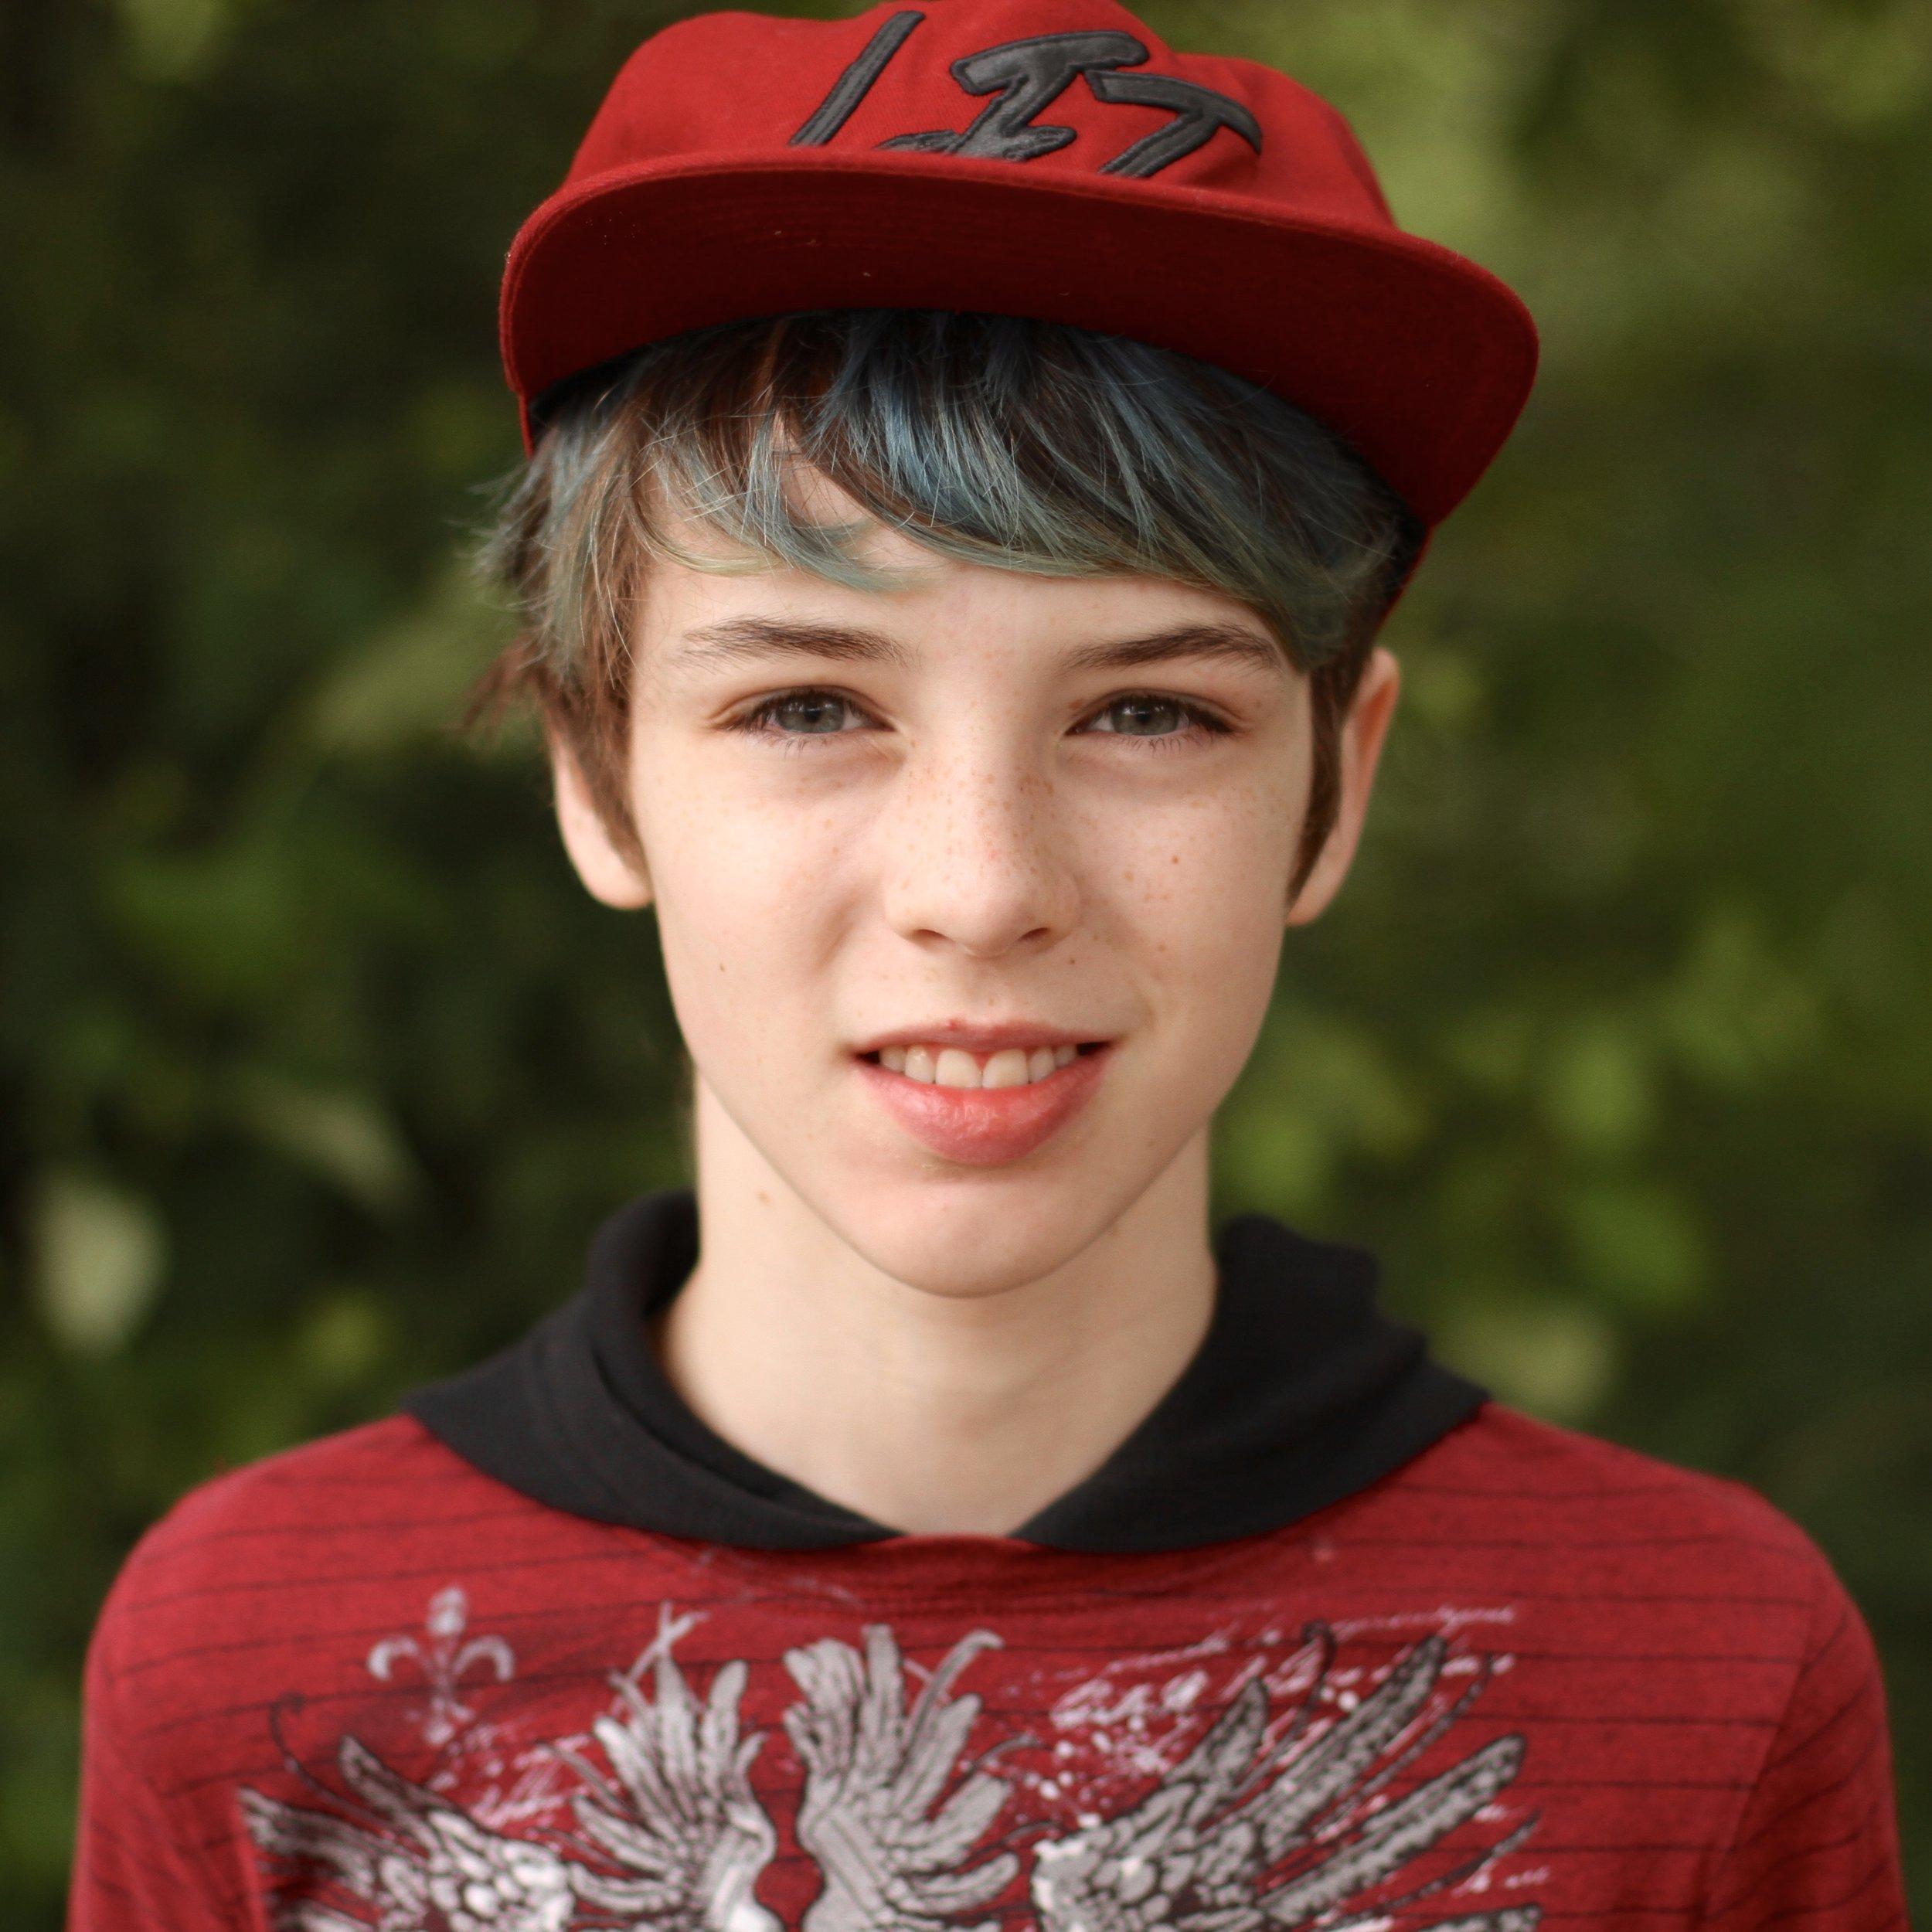 微笑的学生,短蓝色头发和红色棒球帽